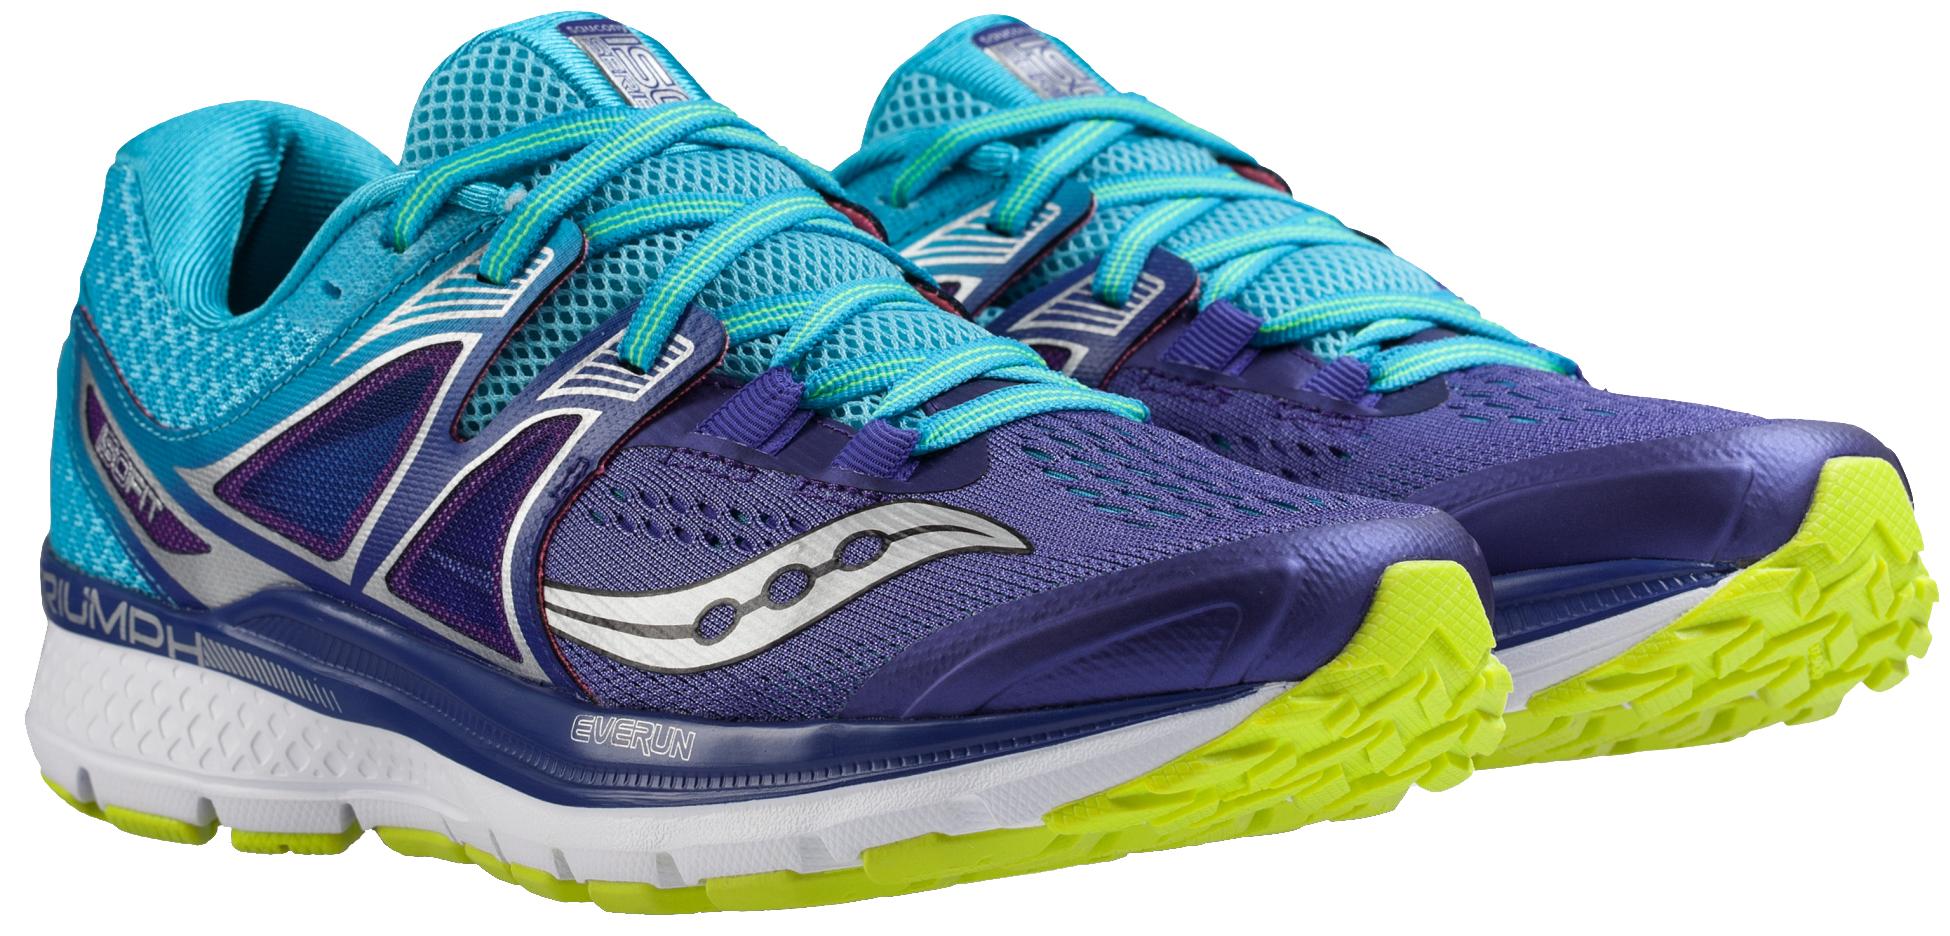 011052ec004 Saucony Triumph ISO 3 Road Run Shoes - Women s